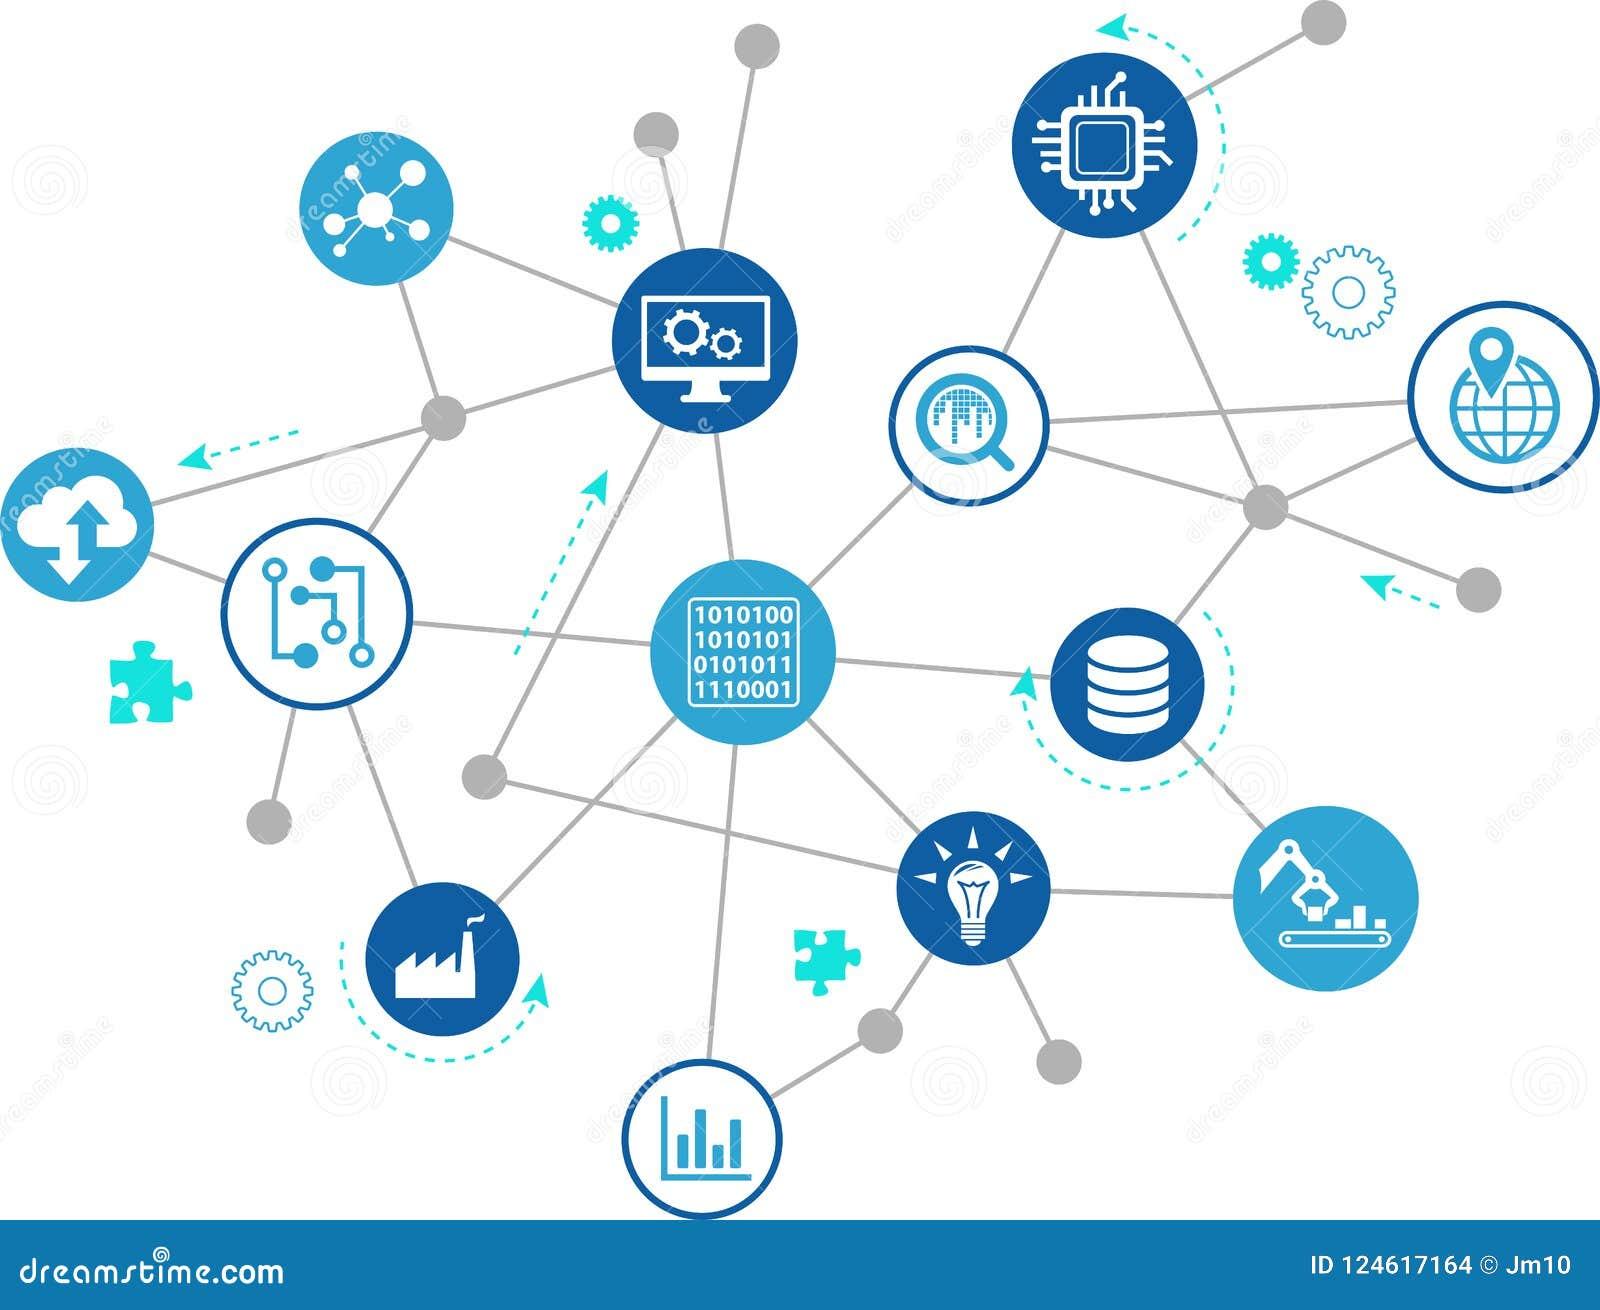 Concept de numérisation : entreprise IoT, usine futée, industrie 4 0 - illustration de vecteur